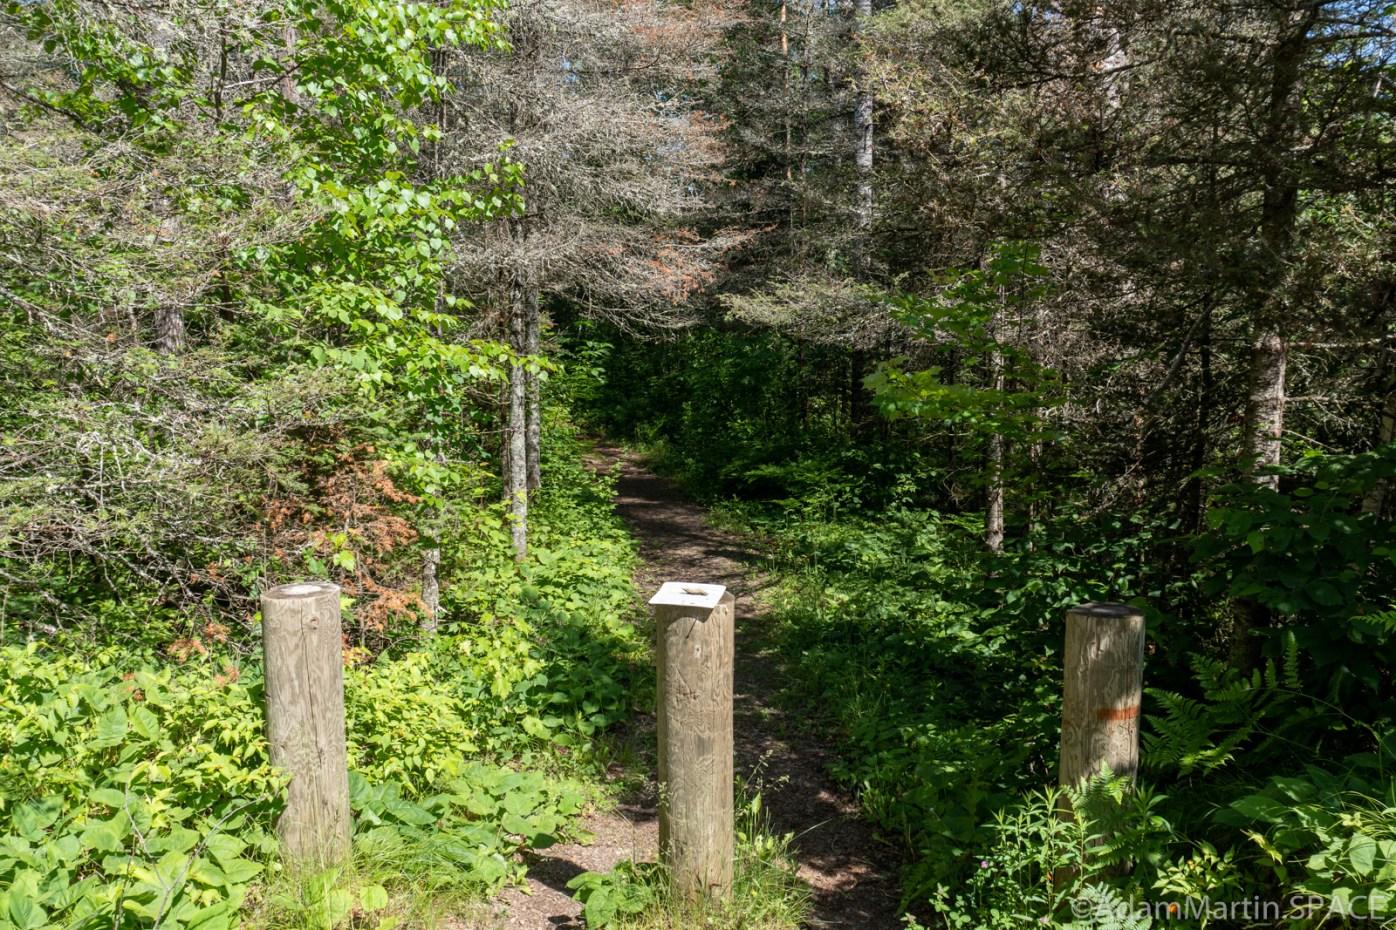 Washburn Falls - Trail head